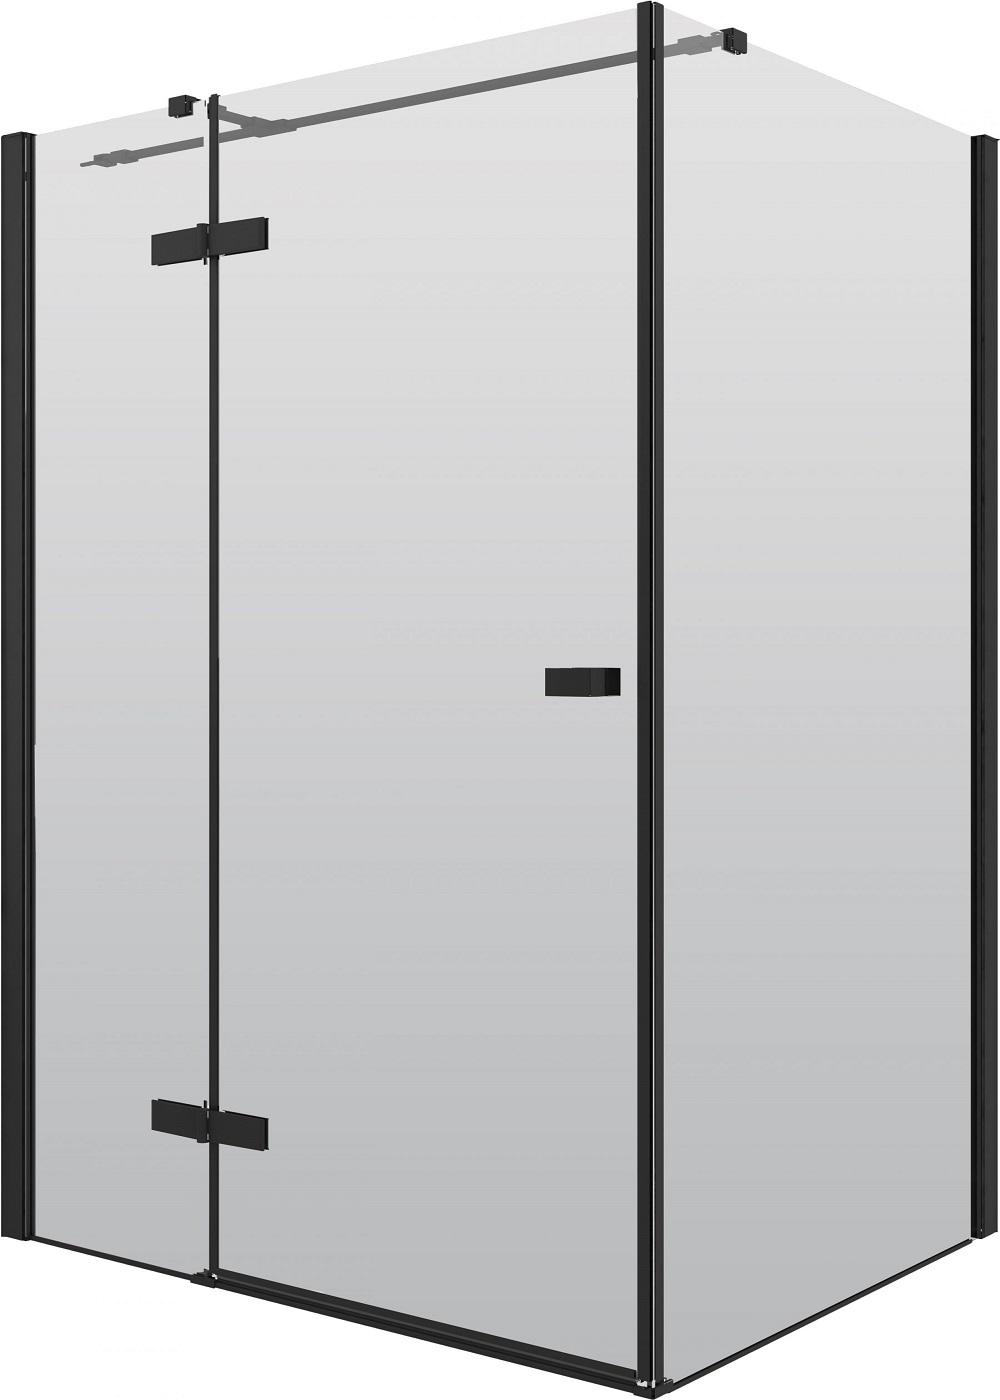 Kabina prostokątna 90×100 cm ARNIKA w cenie 2749 zł!